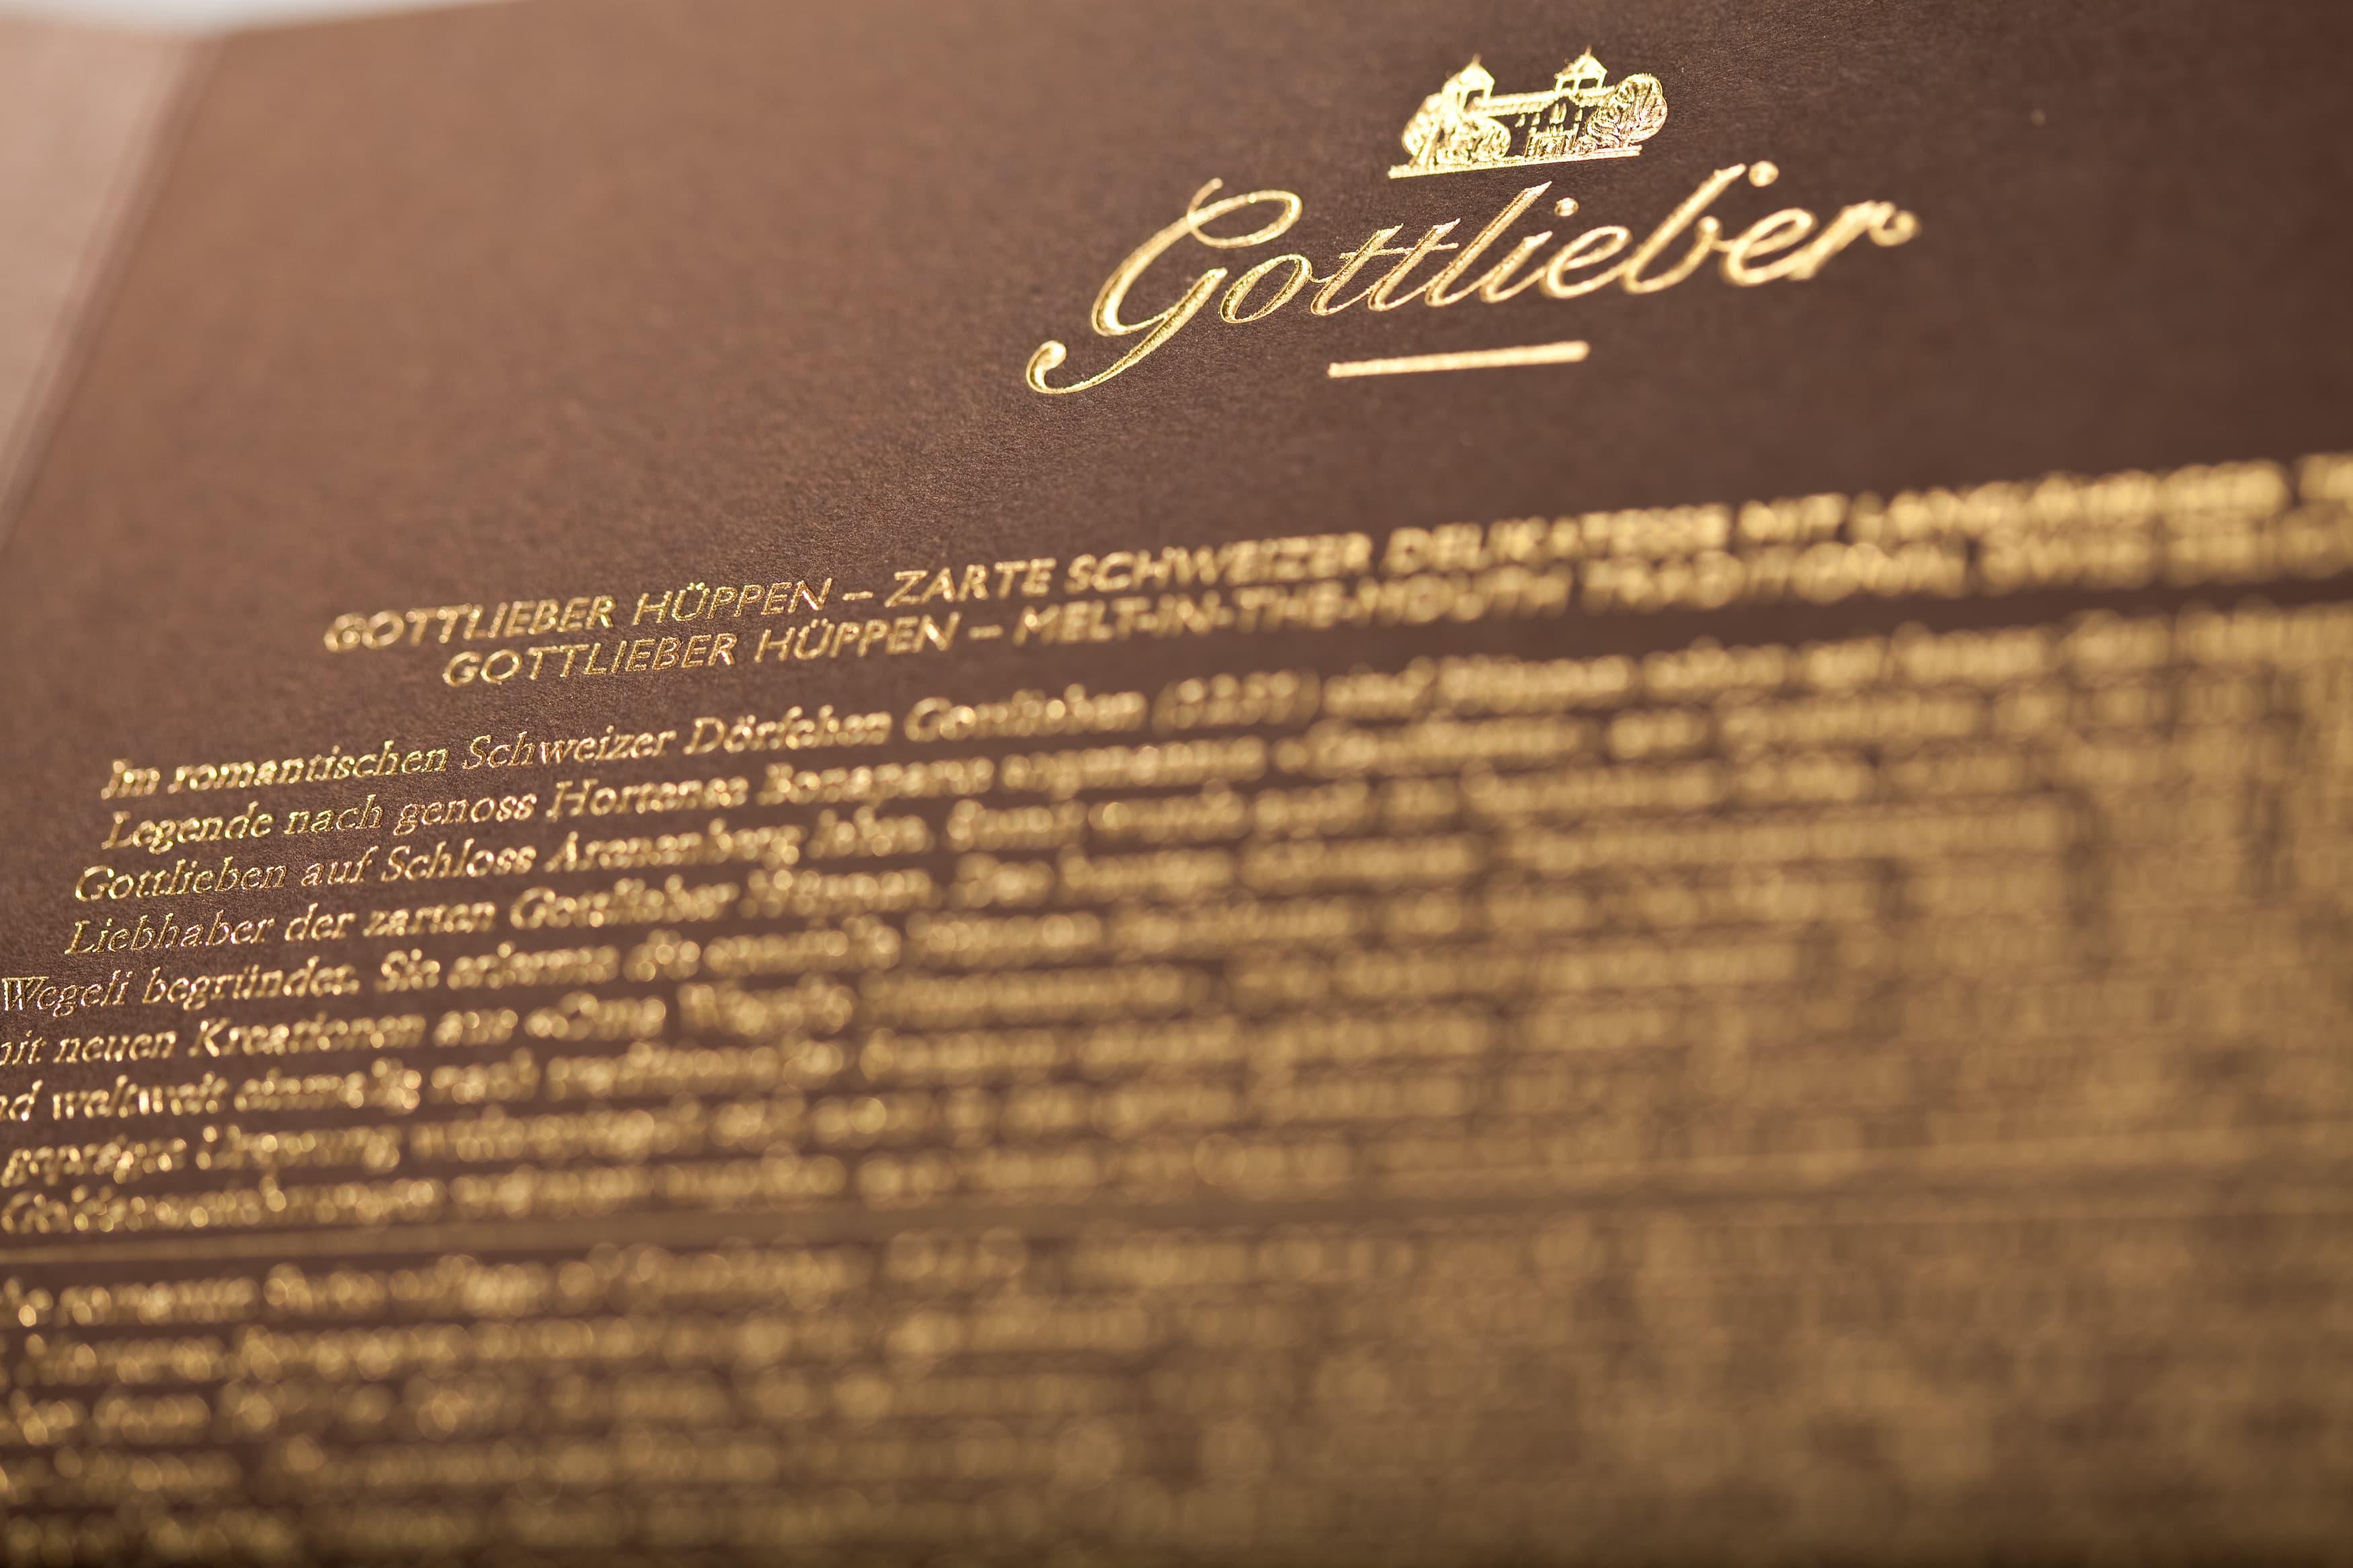 Gottlieber1